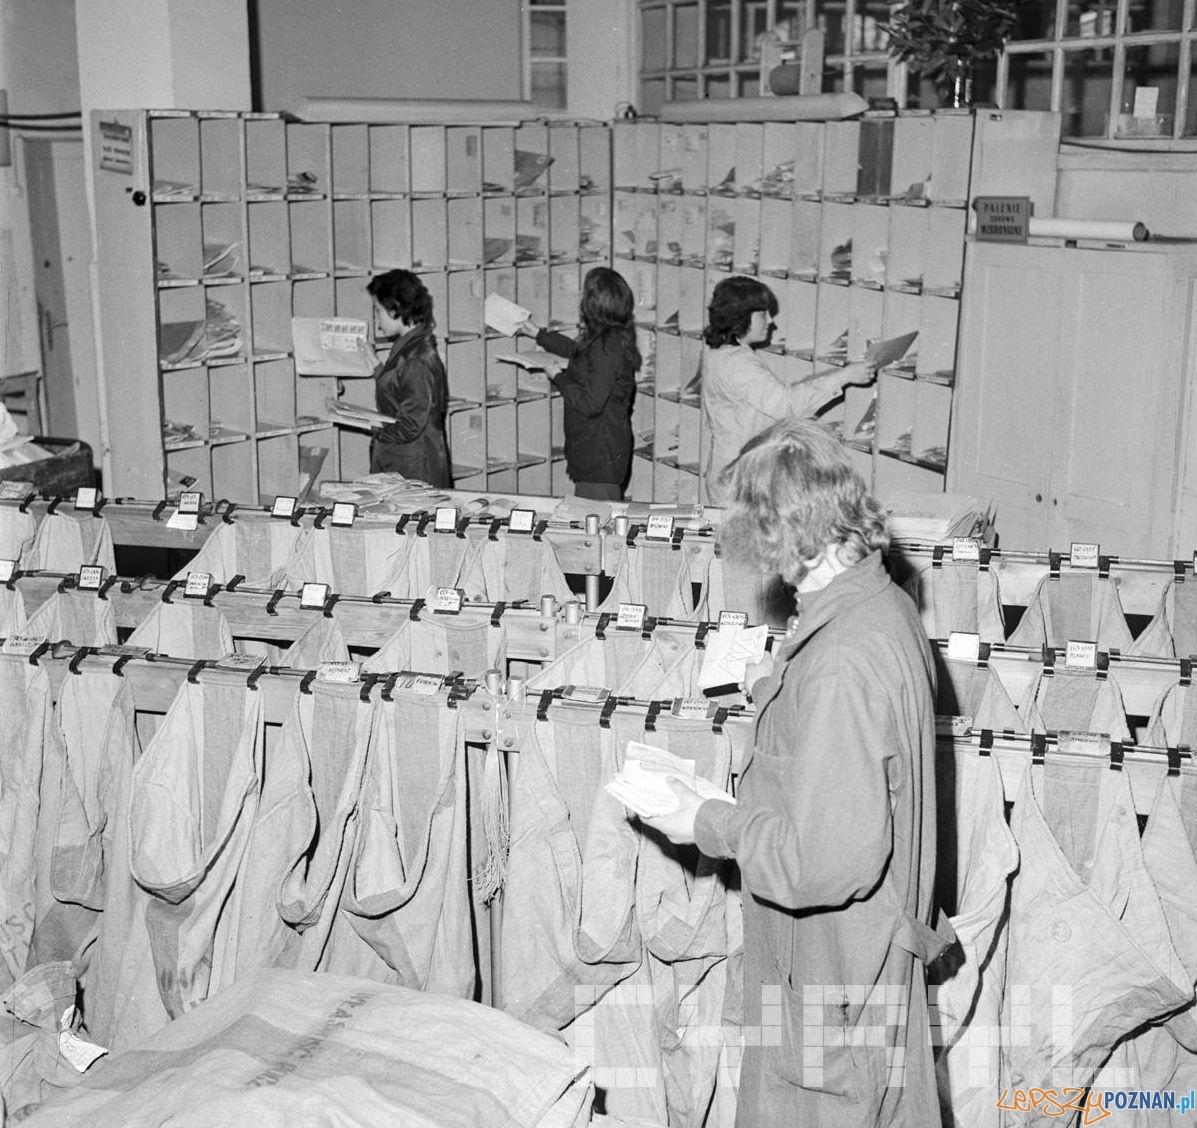 Rozdzieleanie korespondencji na Poczcie Głównej przy ul. Głogowskiej - 18.10.1974  Foto: Stanisław Wiktor / Cyryl